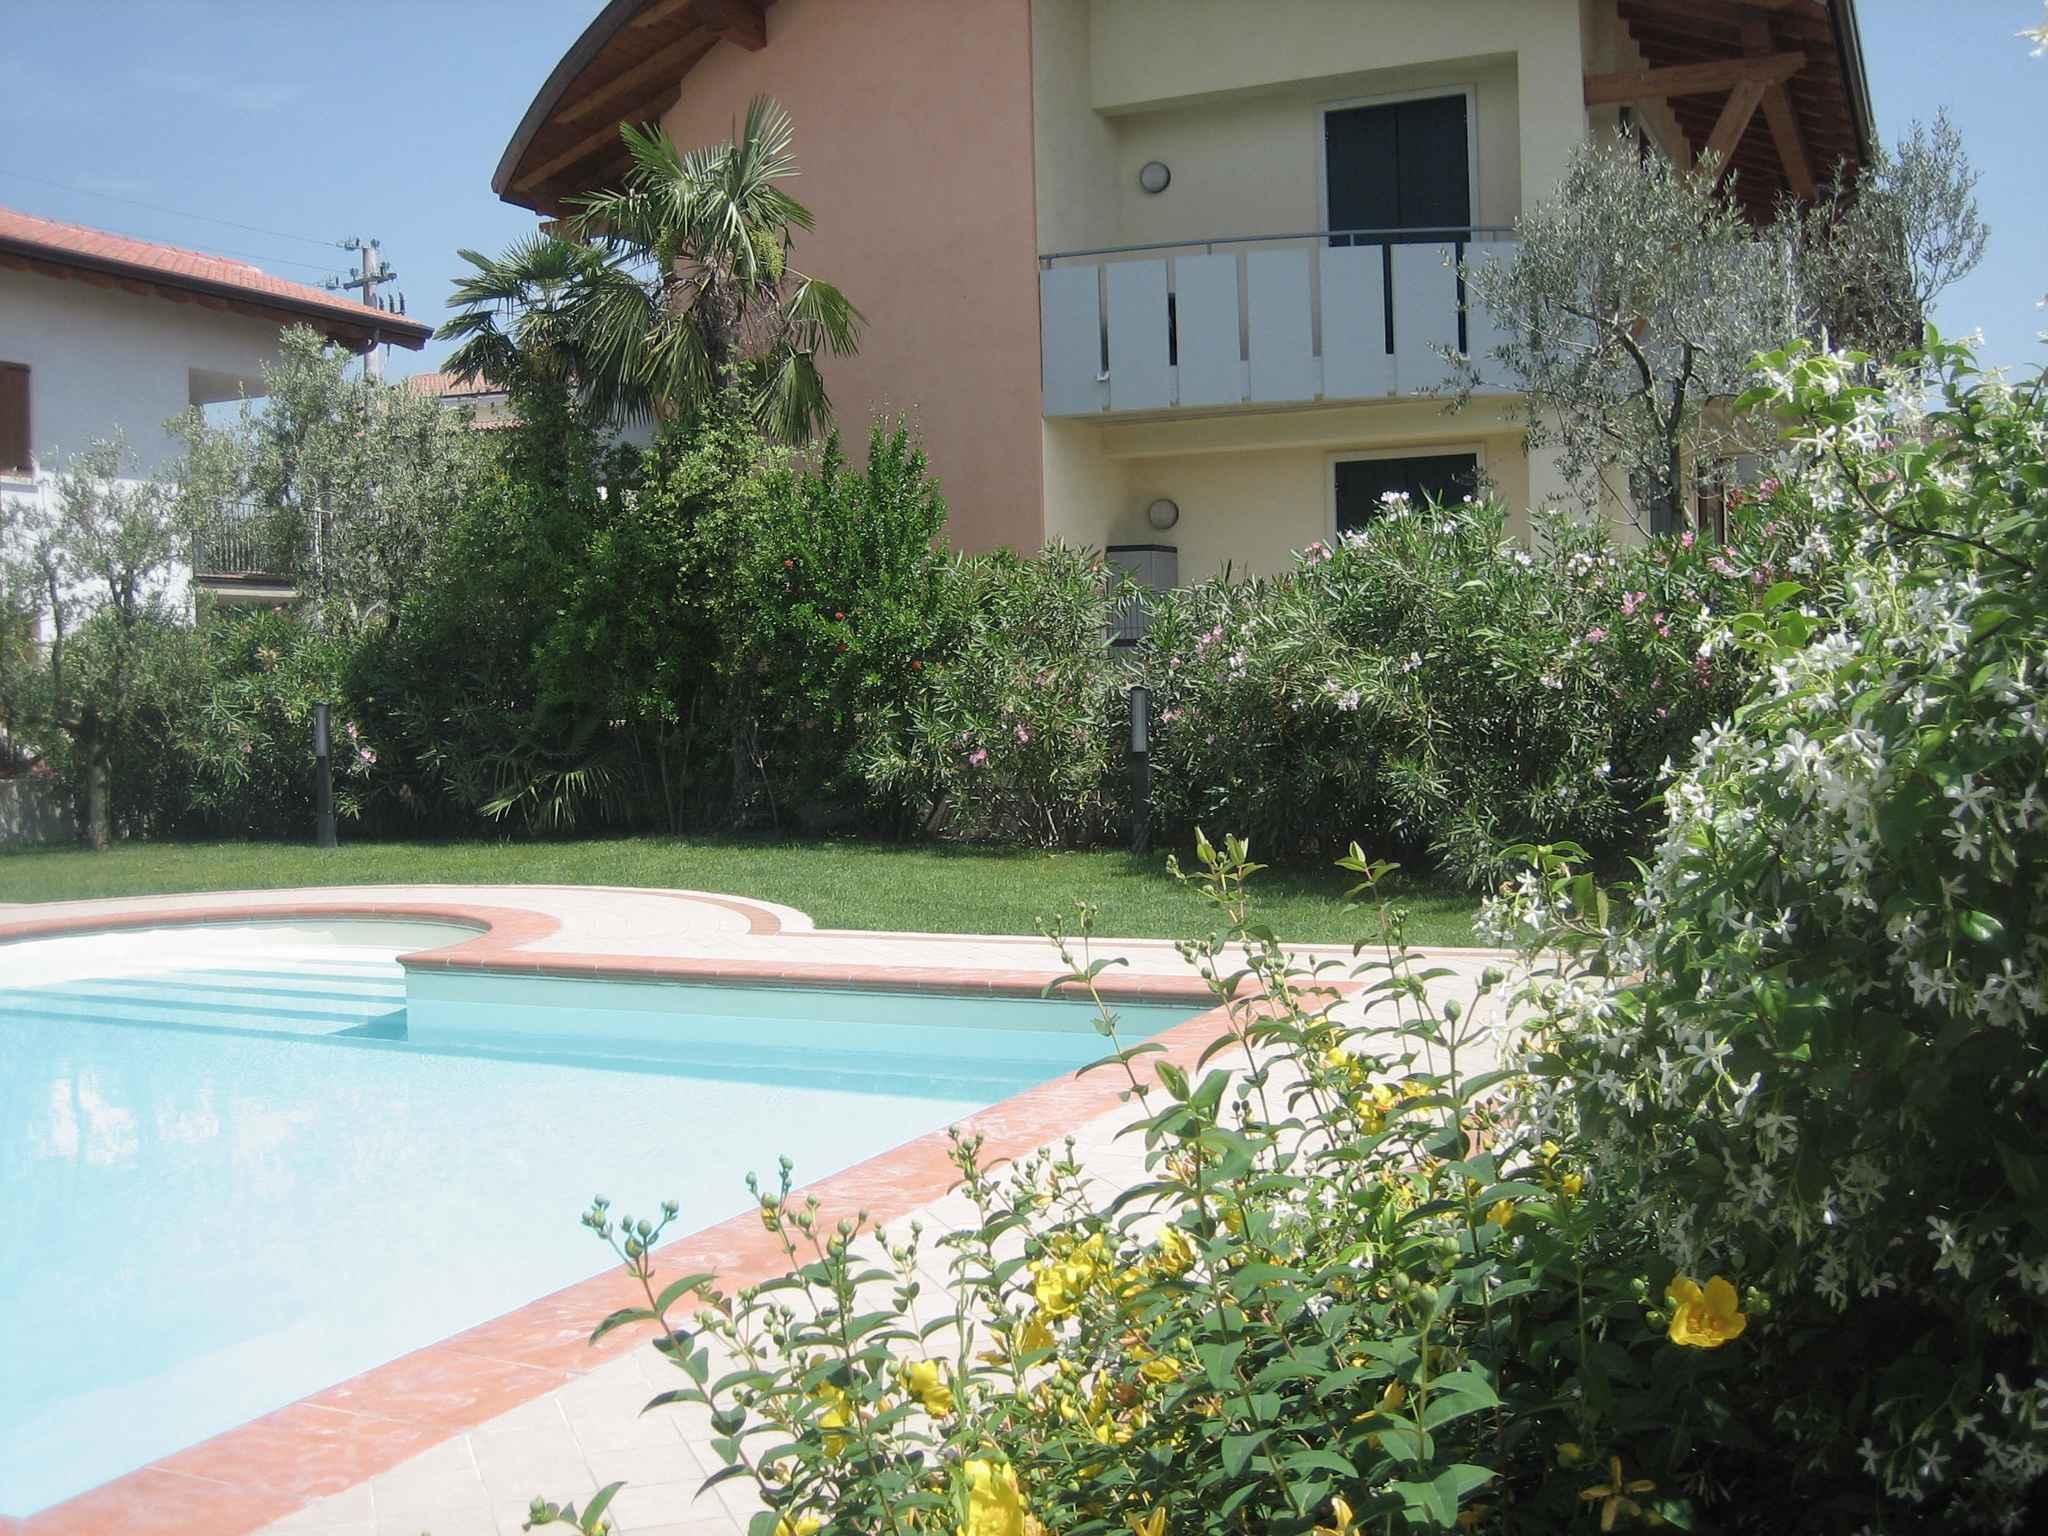 Ferienwohnung mit Pool (485665), Lazise, Gardasee, Venetien, Italien, Bild 1